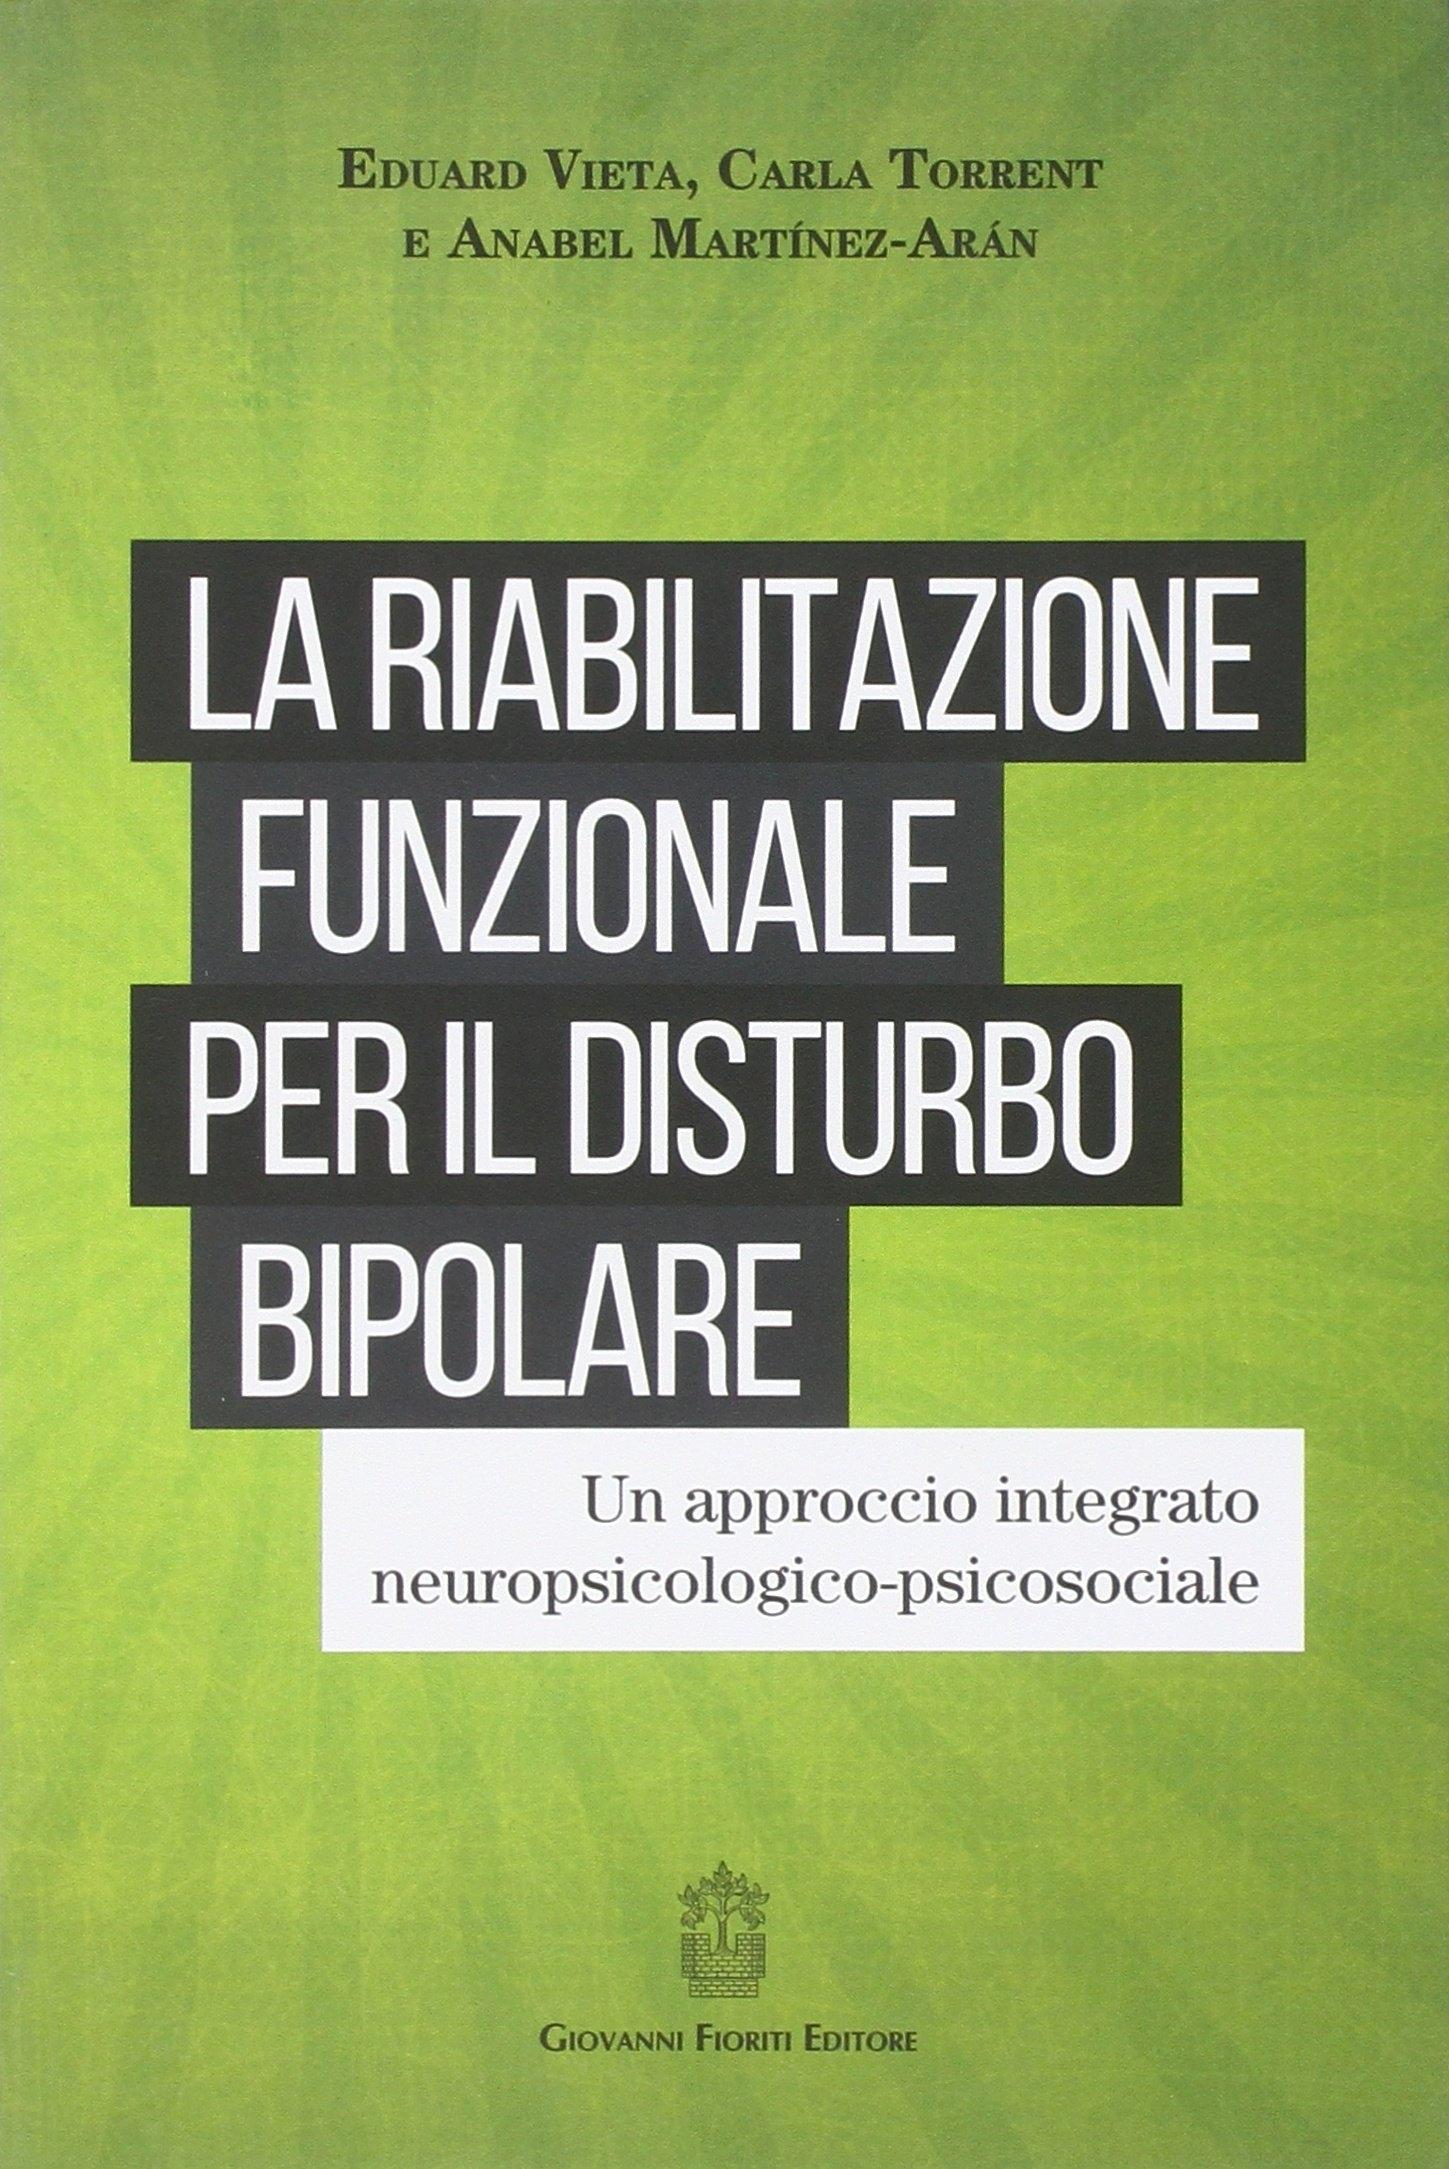 La riabilitazione funzionale per il disturbo bipolare. Un approccio integrato neuropsicologico-psicosociale.